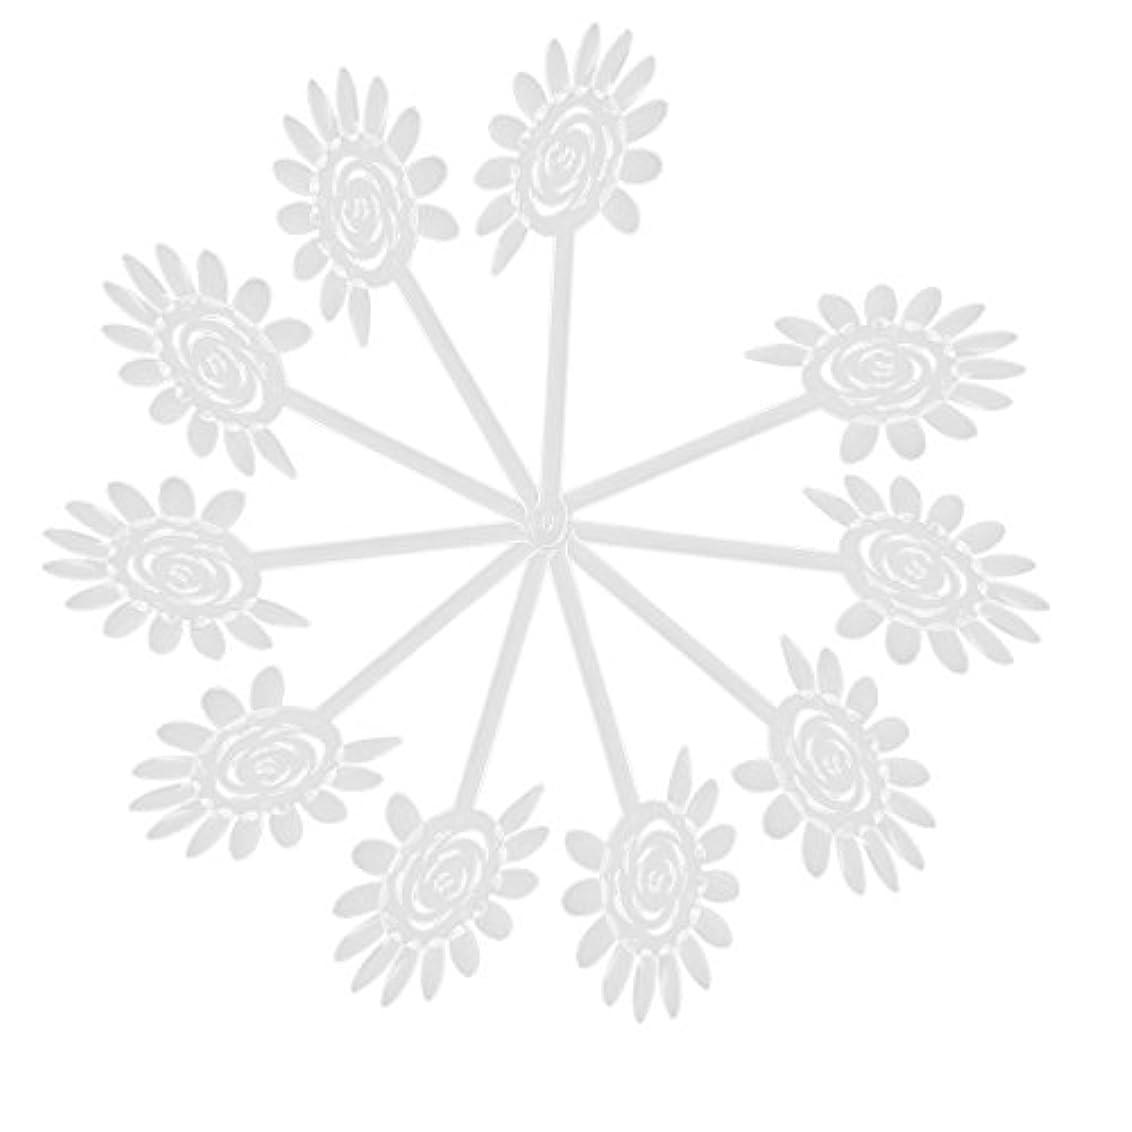 軽蔑読書をする鋼RETYLY RETYLY(R)10Xアクリル透明ネイルアートチップディスプレイファンカードプレート ネイルDIYツール